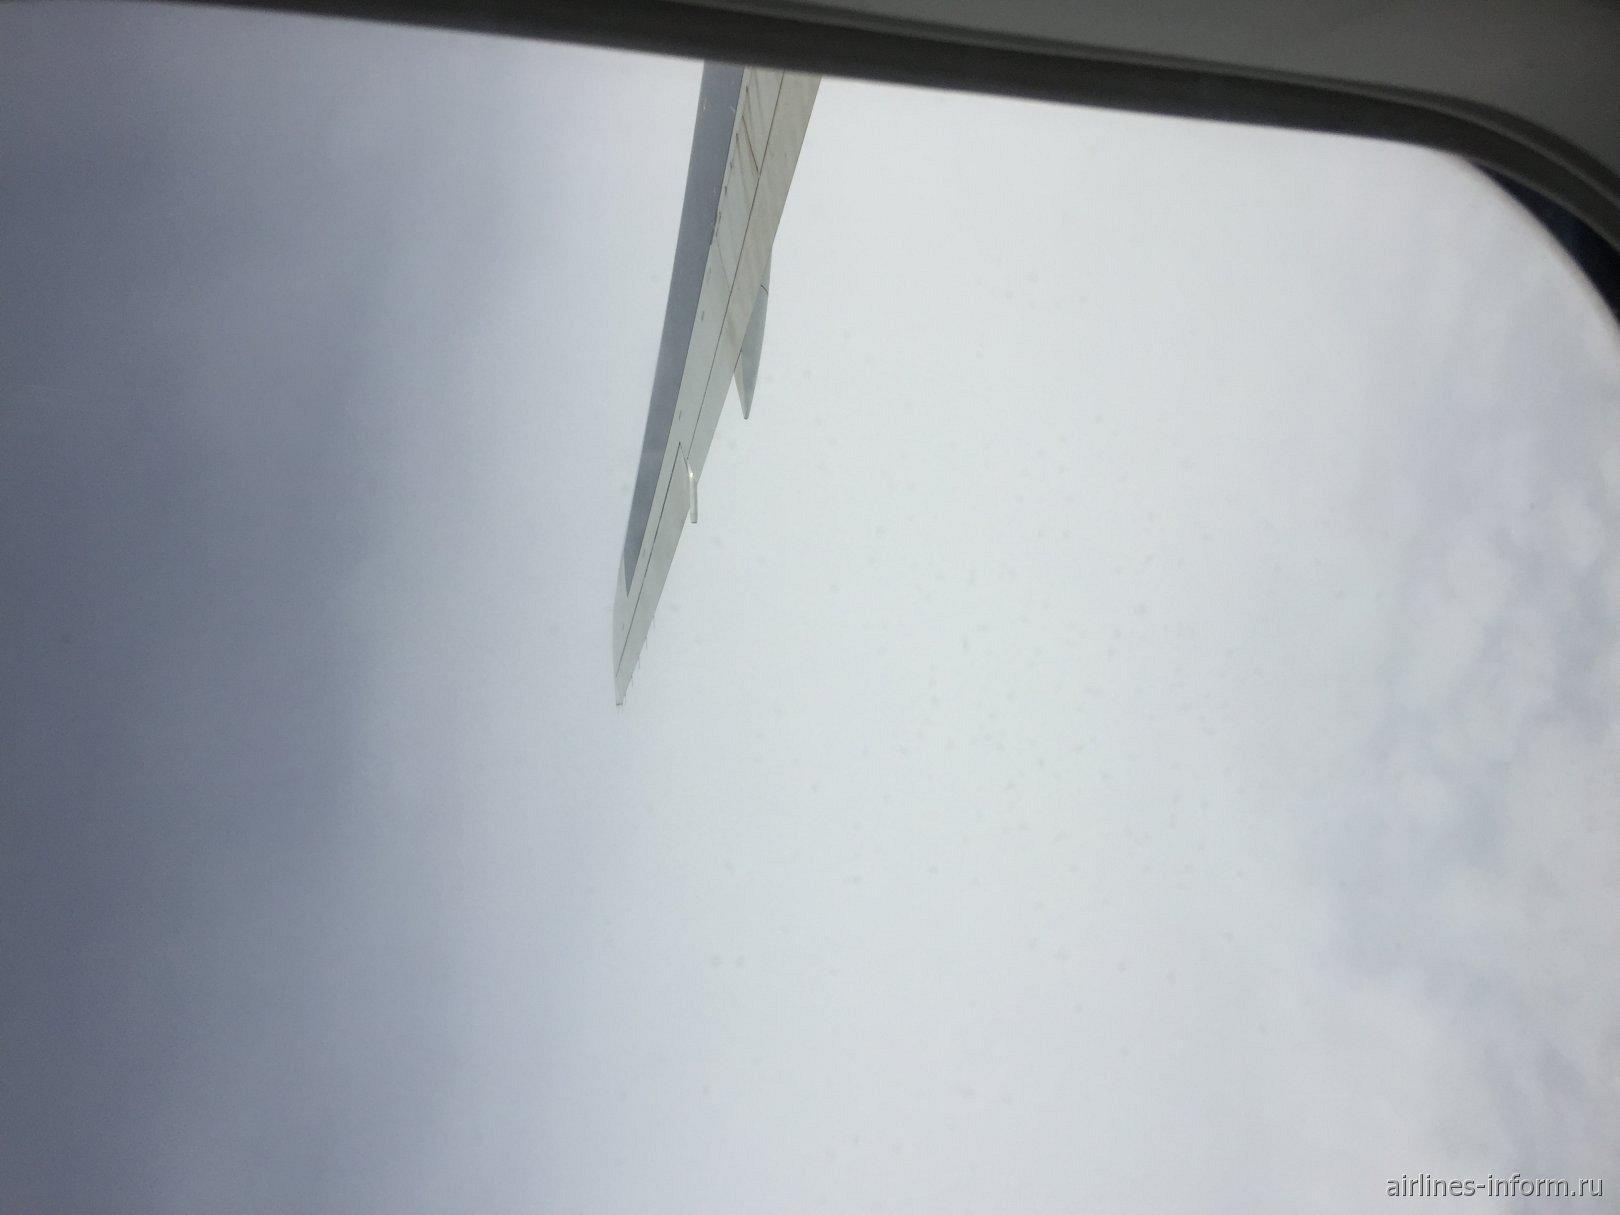 Спустя 2 часа после взлёта решил пофоткать. А мы уже летим над Словакией в облаках.Извините за такое фото